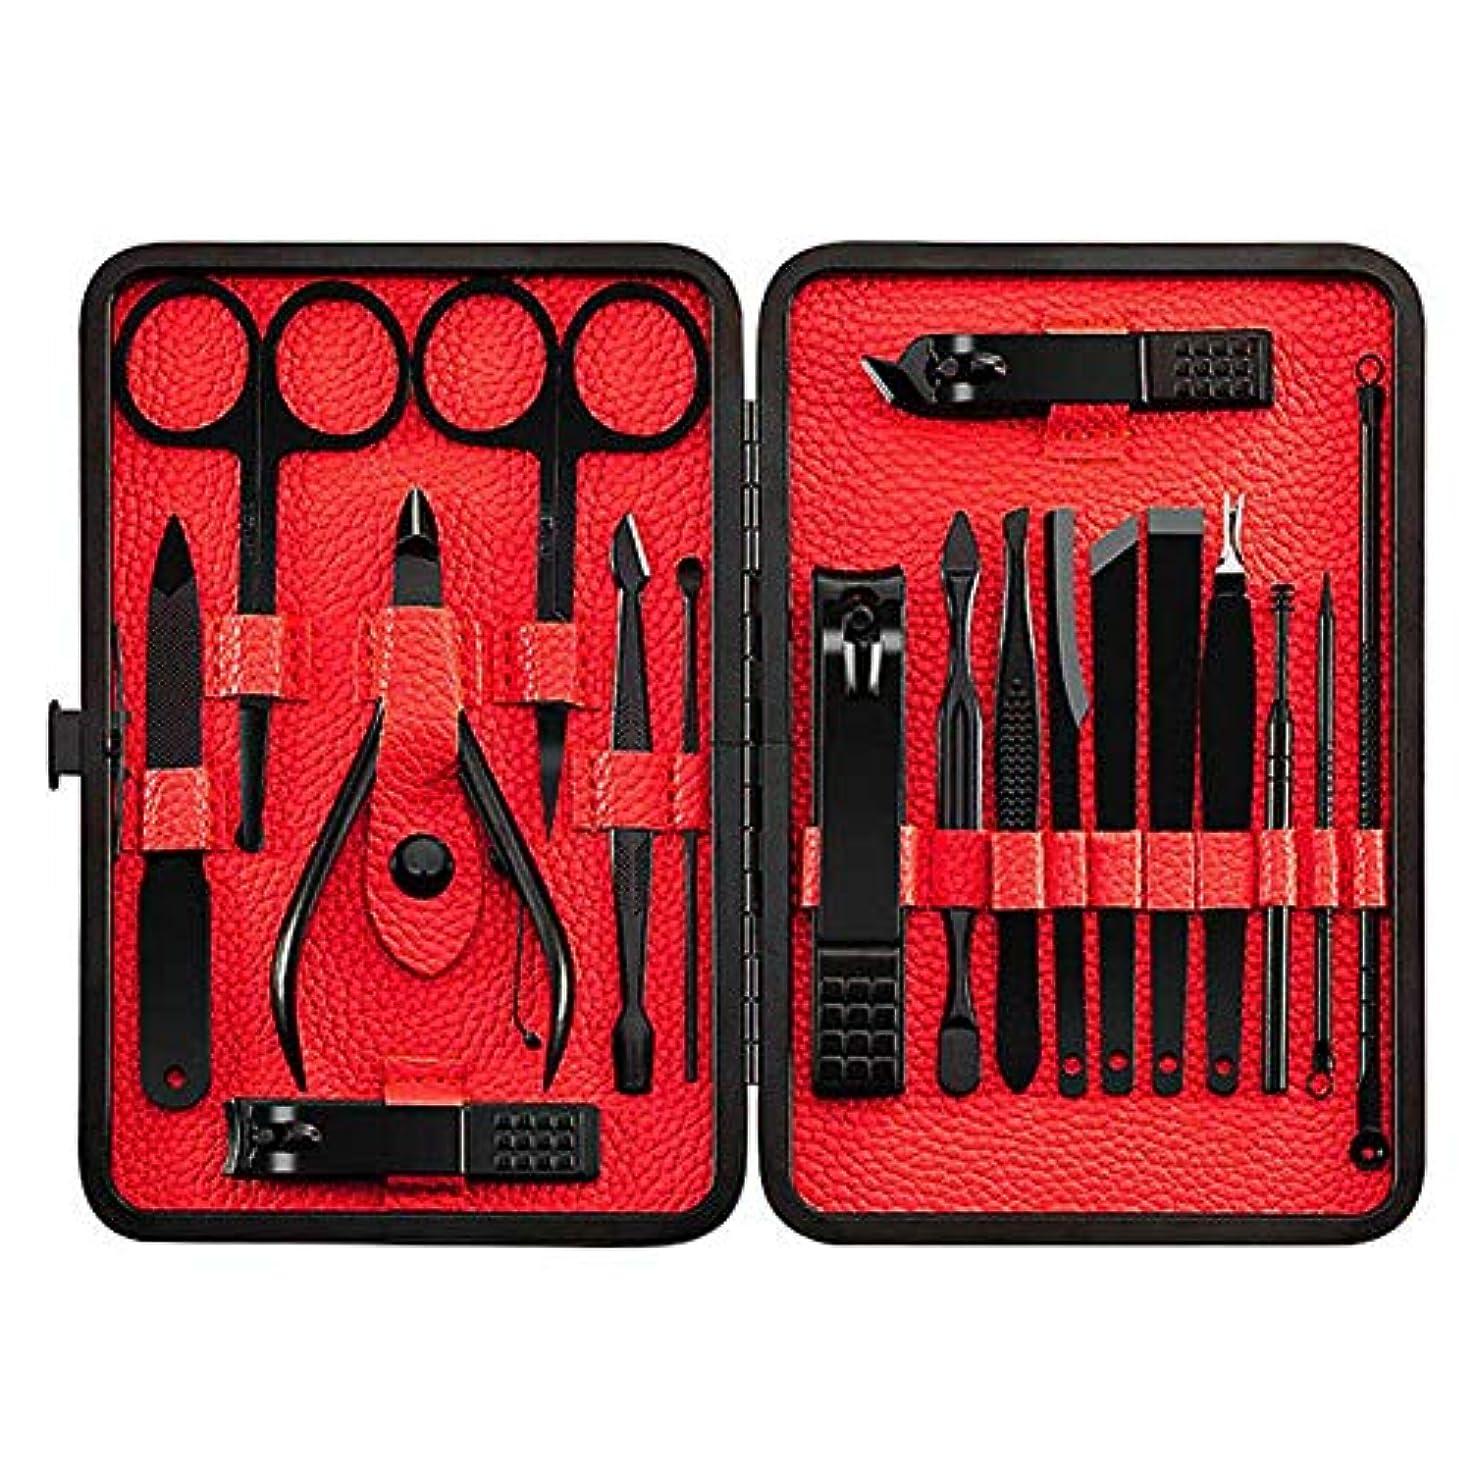 しつけ発行男やもめTenflyer 18Pcs Nail Clippers Set with Storage Case Stainless Steel Manicure Pedicure Grooming Tools Kit